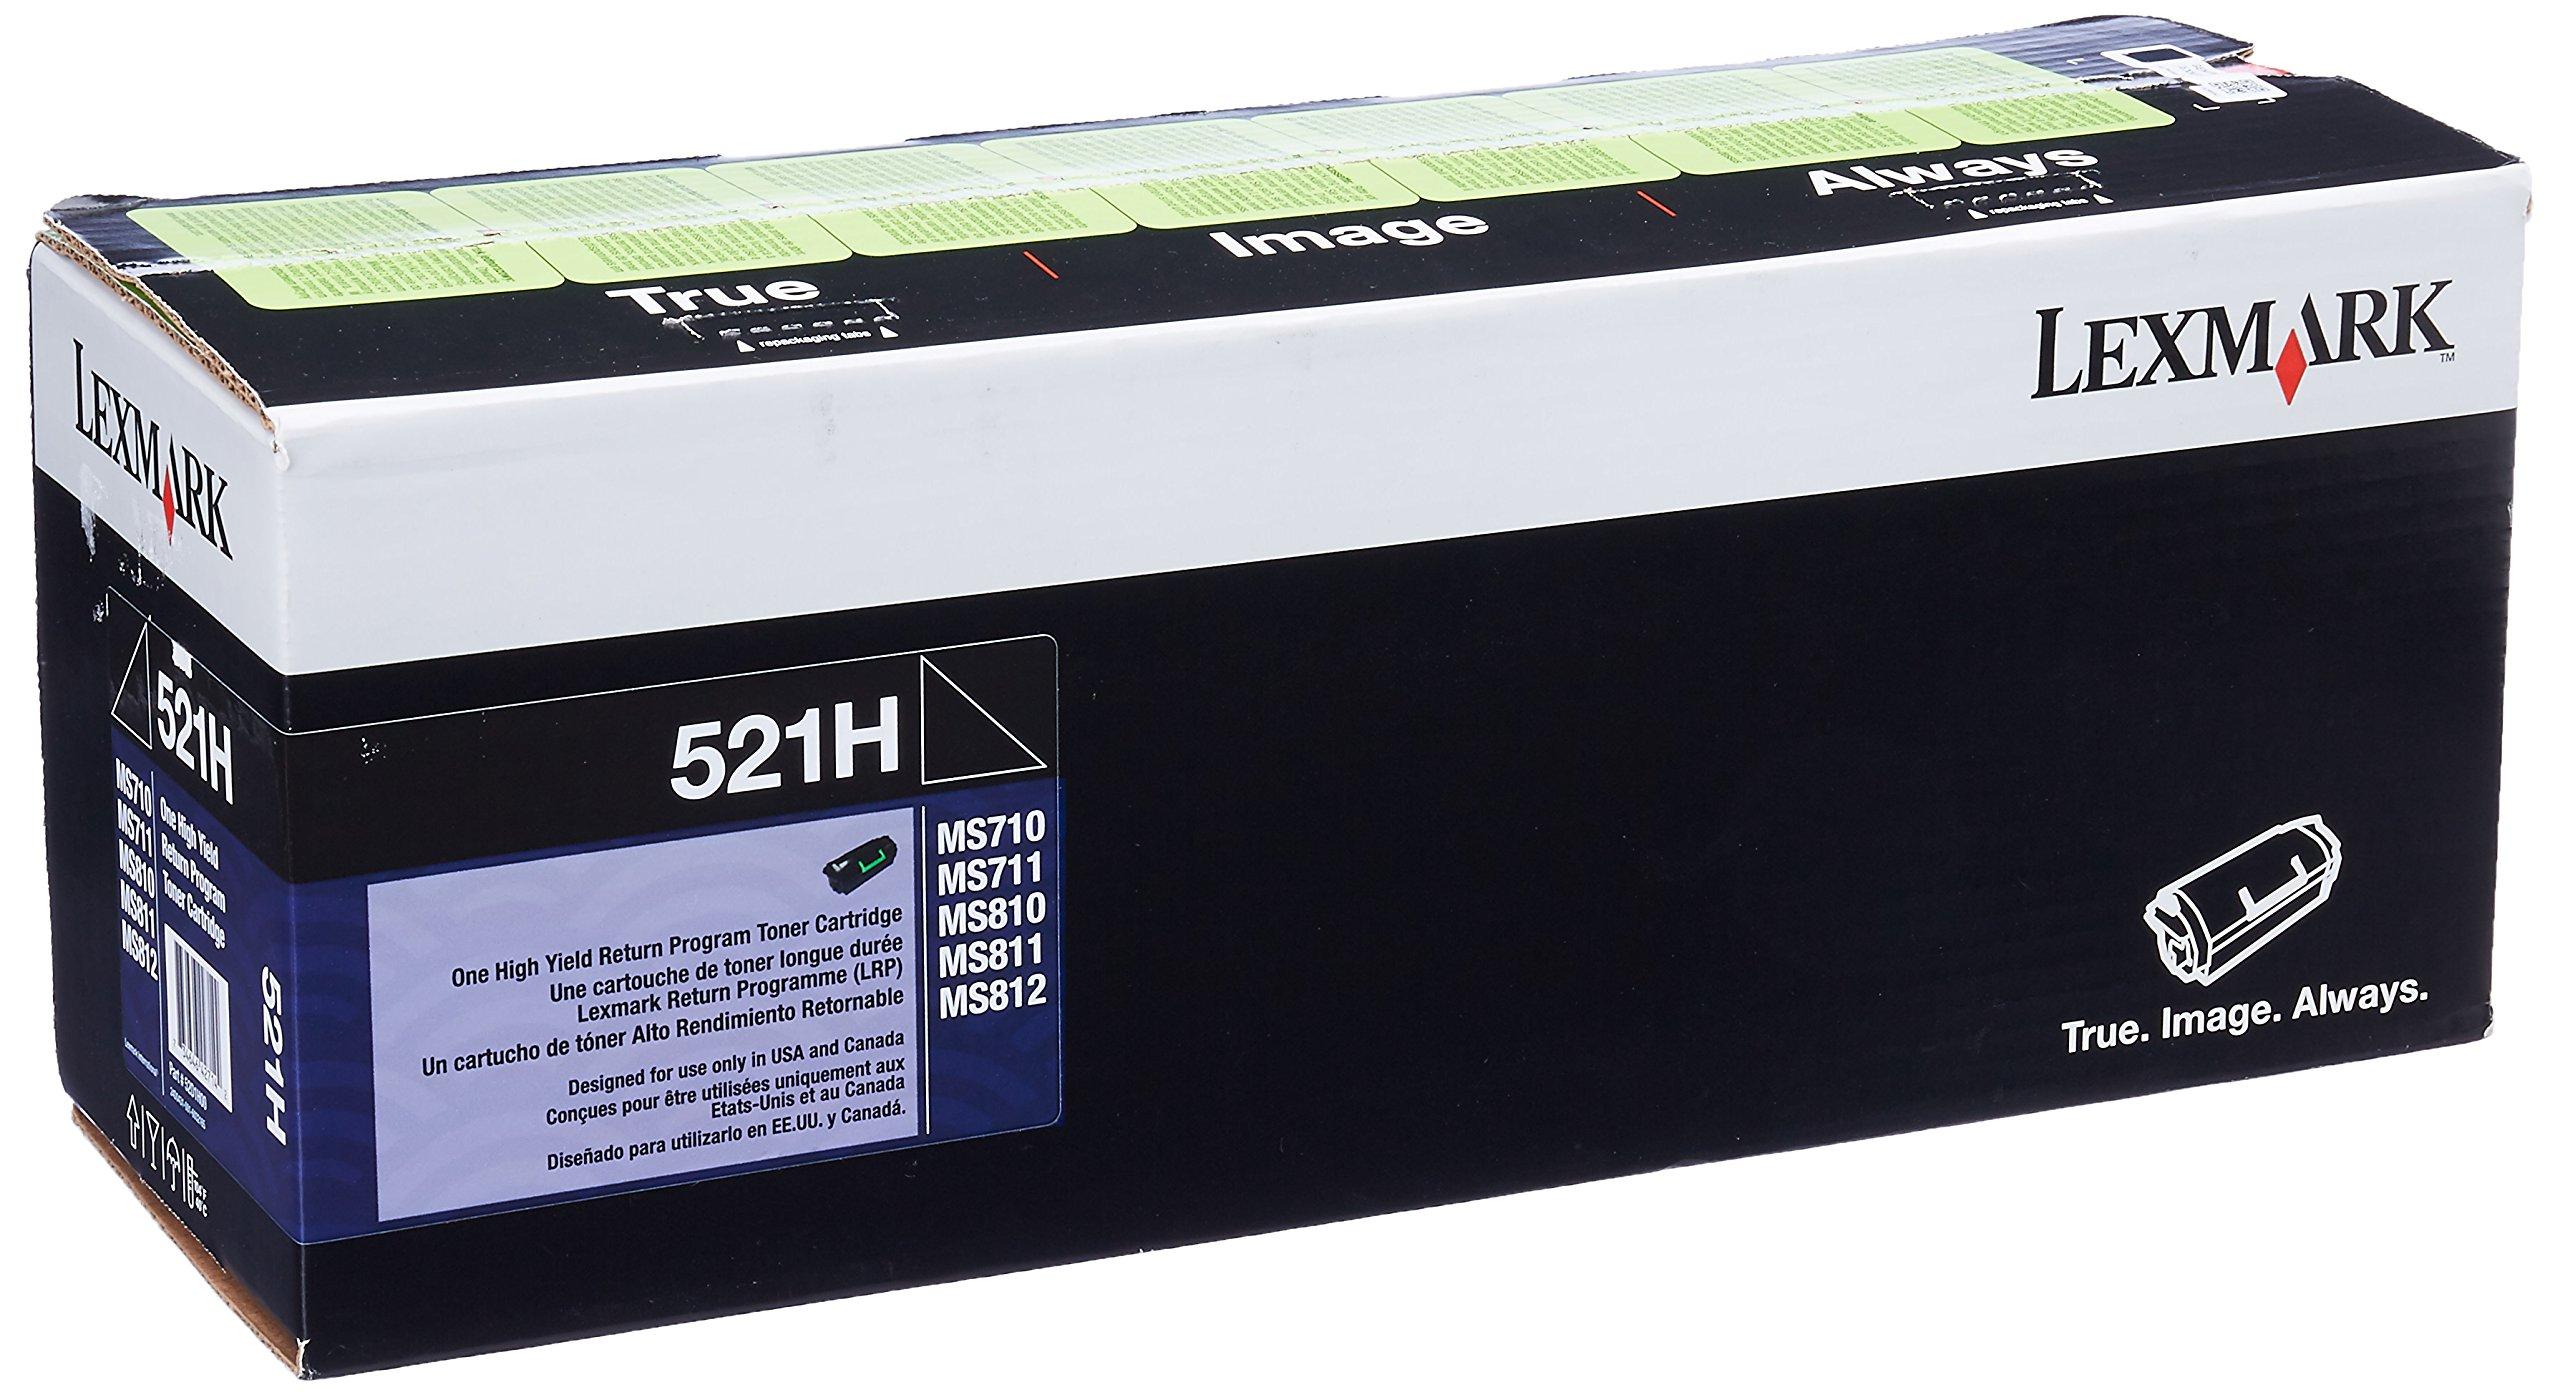 Lexmark 52D1H00 High Yield Return Program Toner